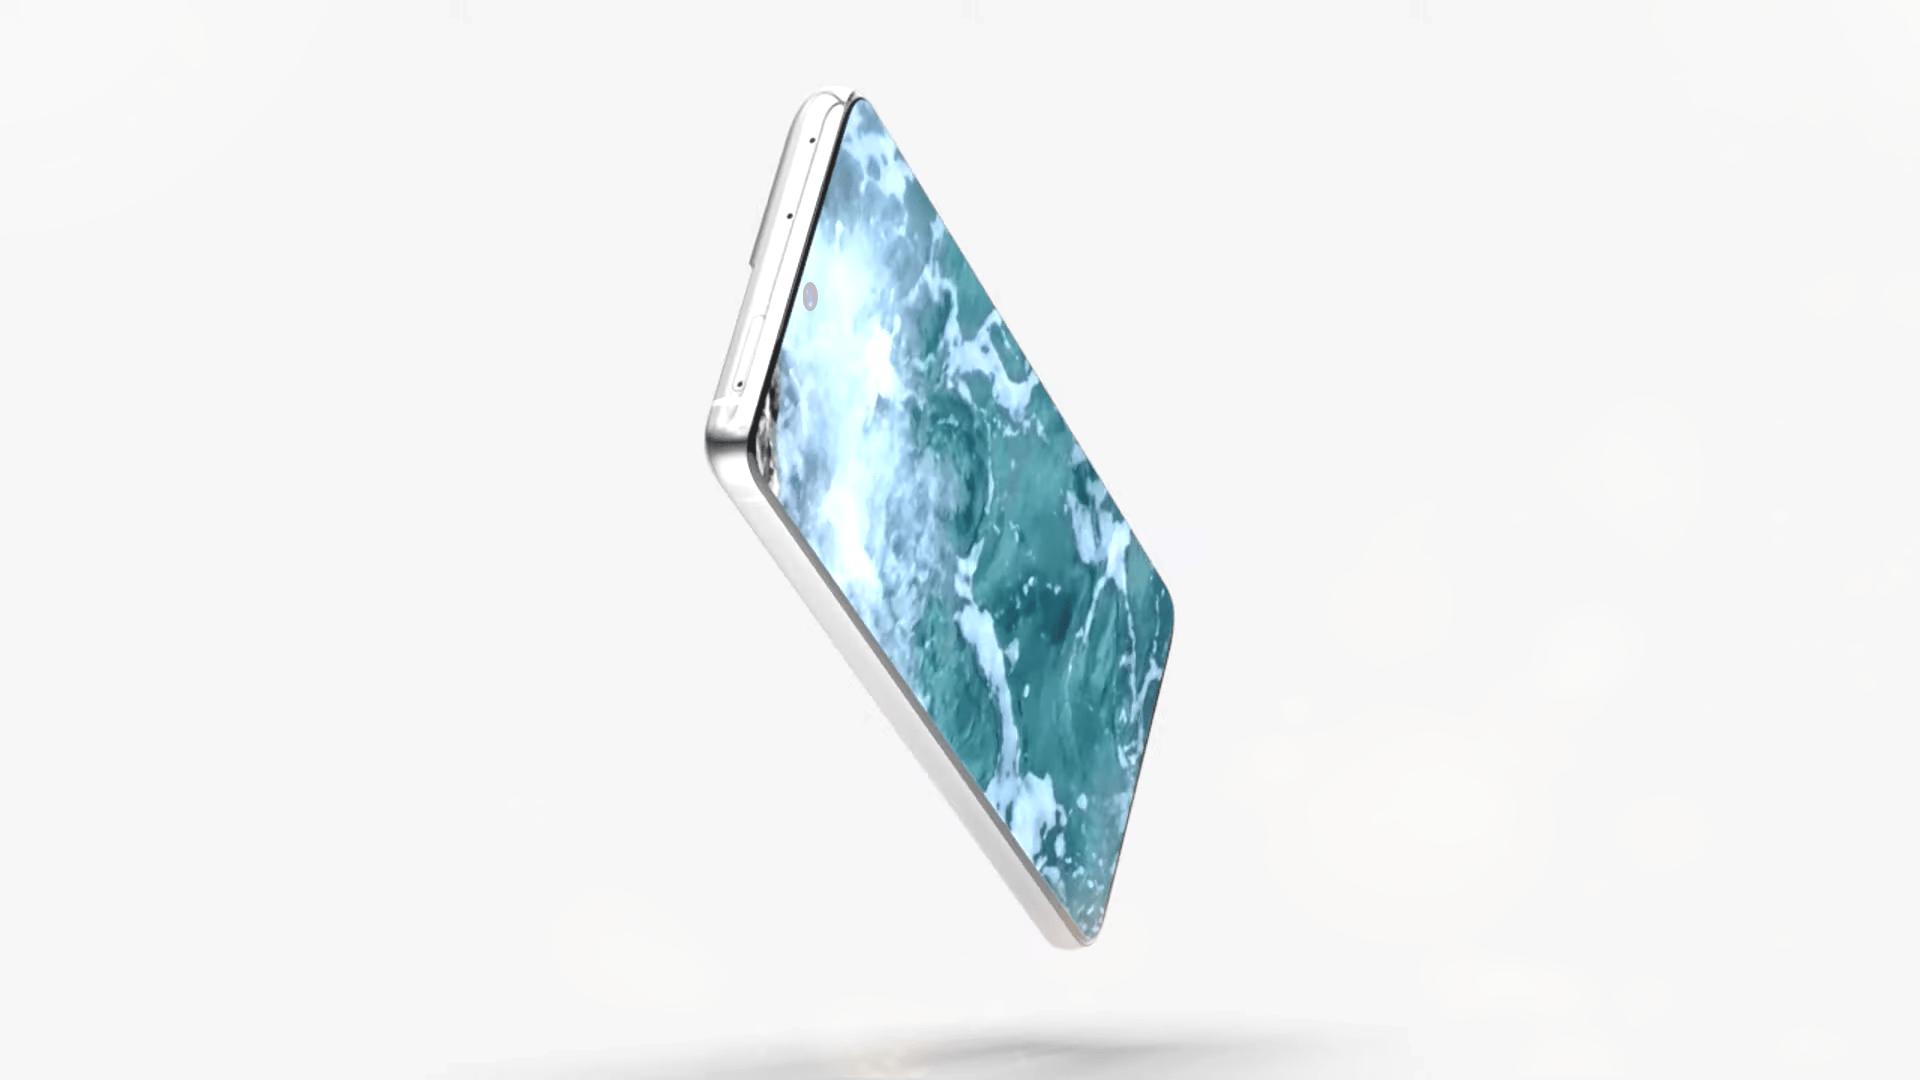 原创             三星S22曝光:2K护目屏+骁龙895+直屏设计 感觉不用等iPhone13了